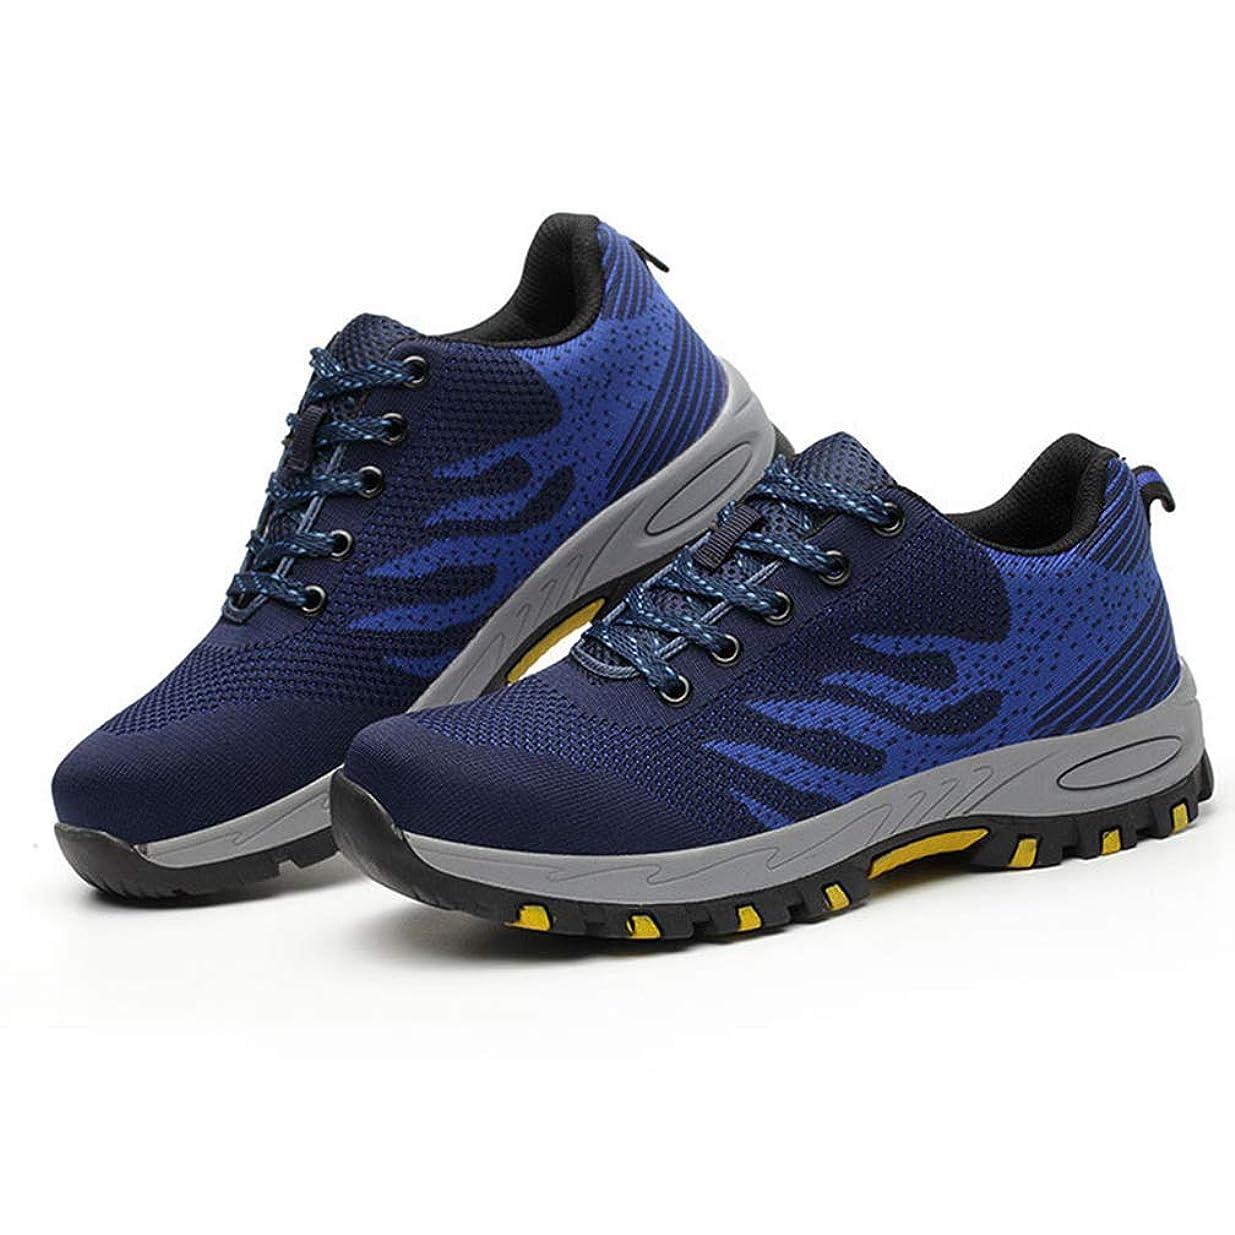 ペリスコープダイヤル見る[AcMeer] 安全靴 作業靴 男女兼用 先芯入り 軽量 レースアップ セーフティーシューズ つま先保護 通気 耐摩耗 防刺 耐滑 大きいサイズ 28